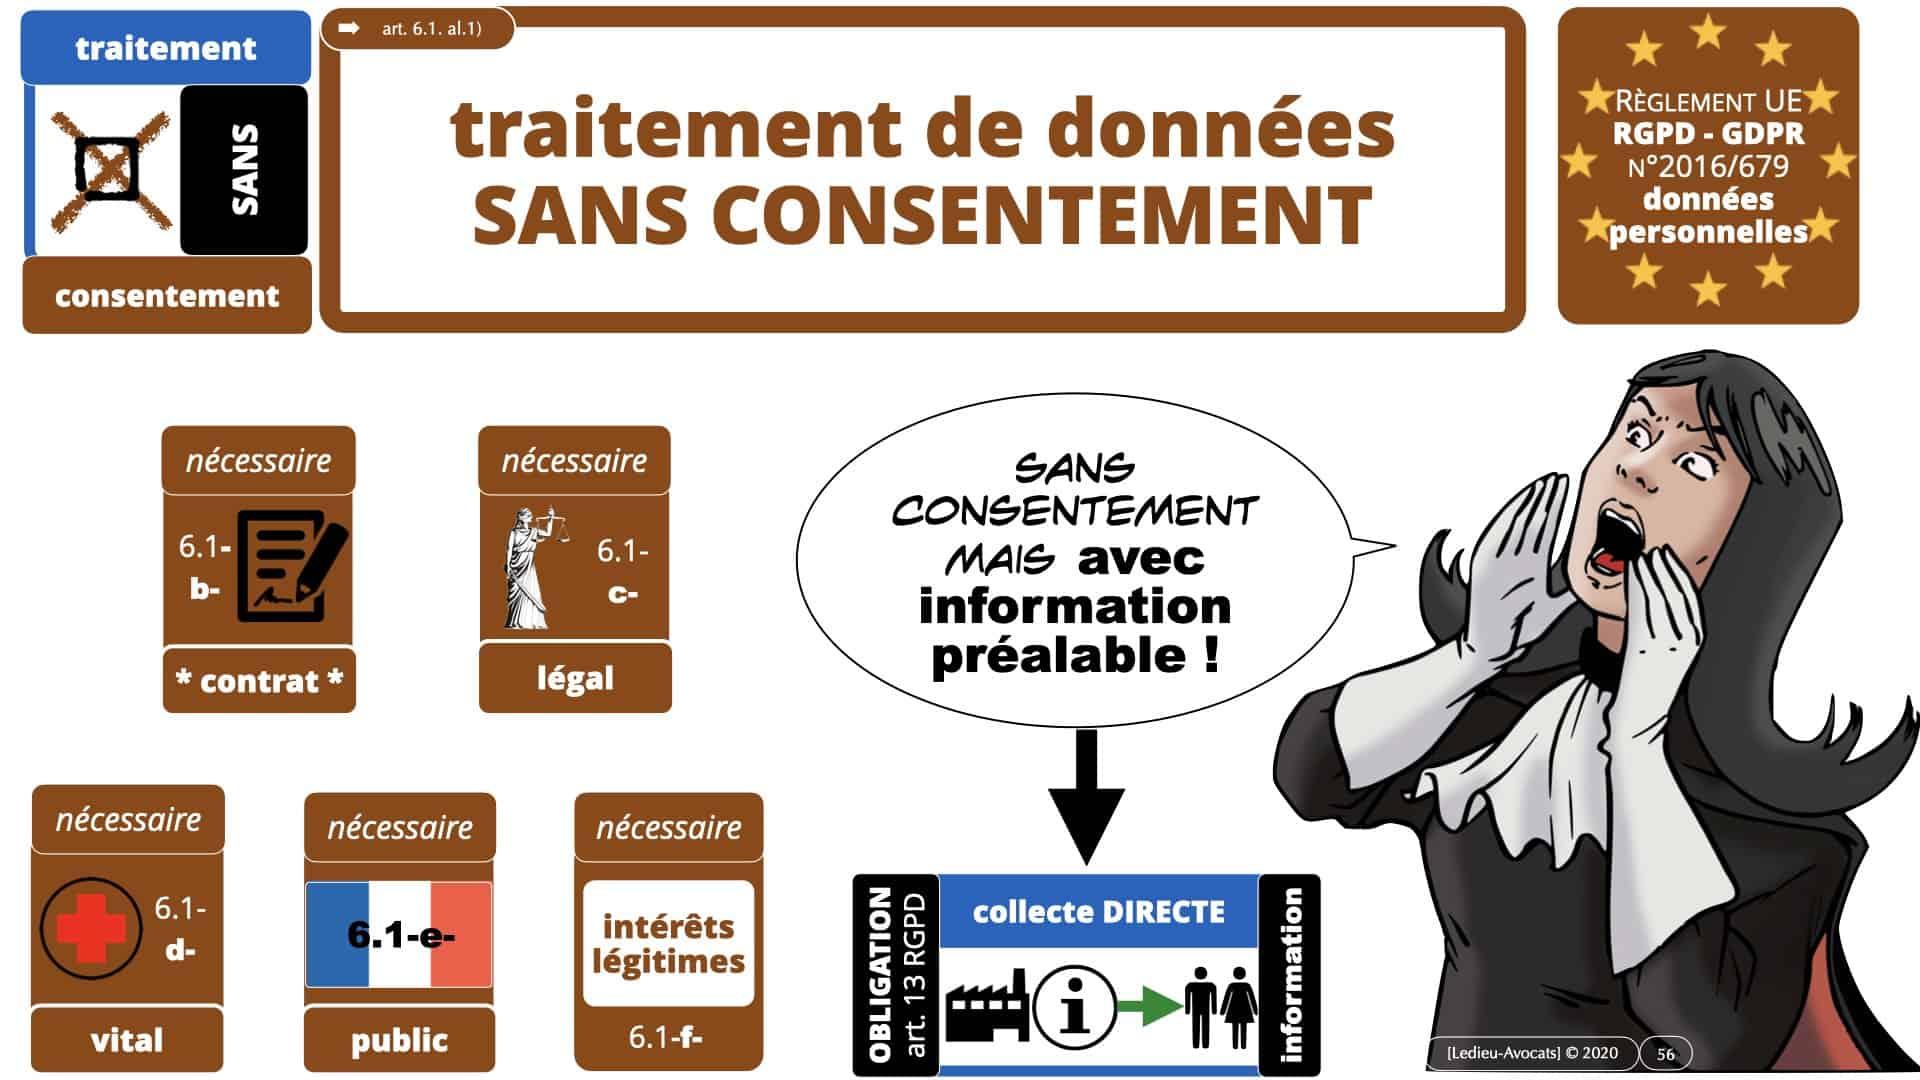 RGPD délibération CNIL Spartoo du 28 juillet 2020 n°SAN 2020-003 *16:9* ©Ledieu-Avocats 19-09-2020.056